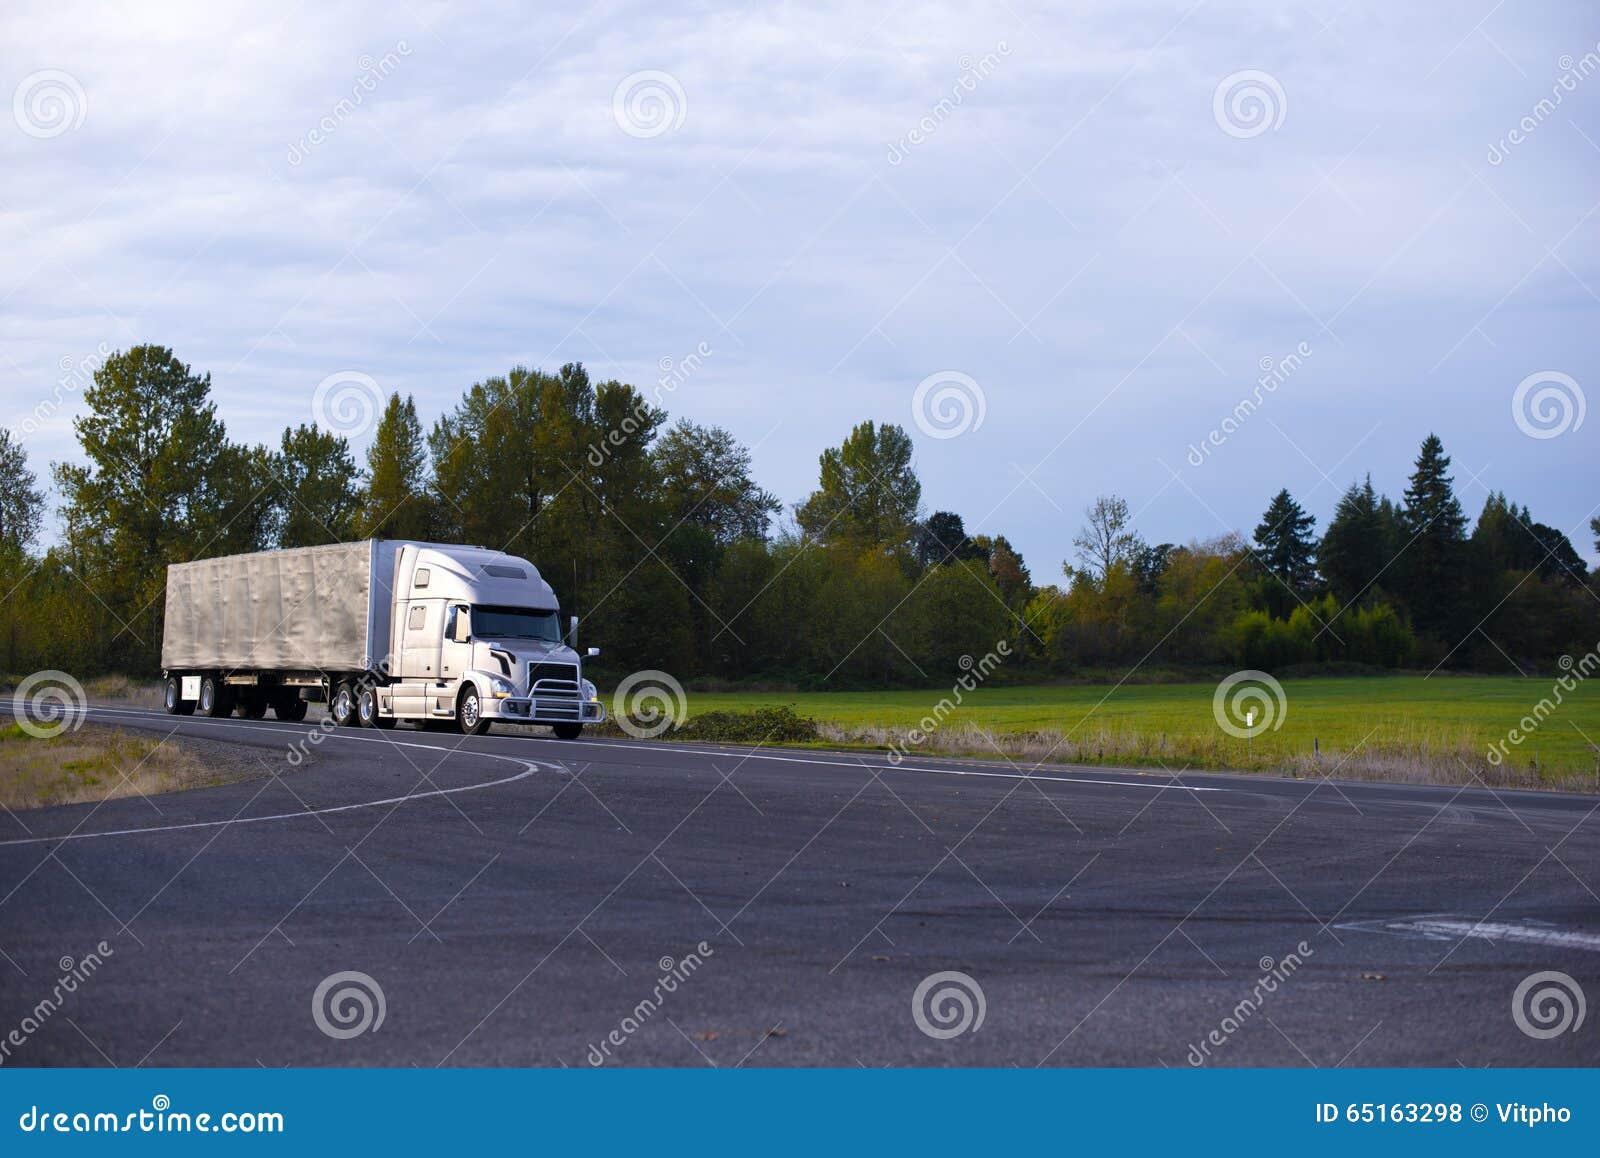 Moderner der Fernstrecke LKW-Planenanhänger halb auf gerader Landstraße